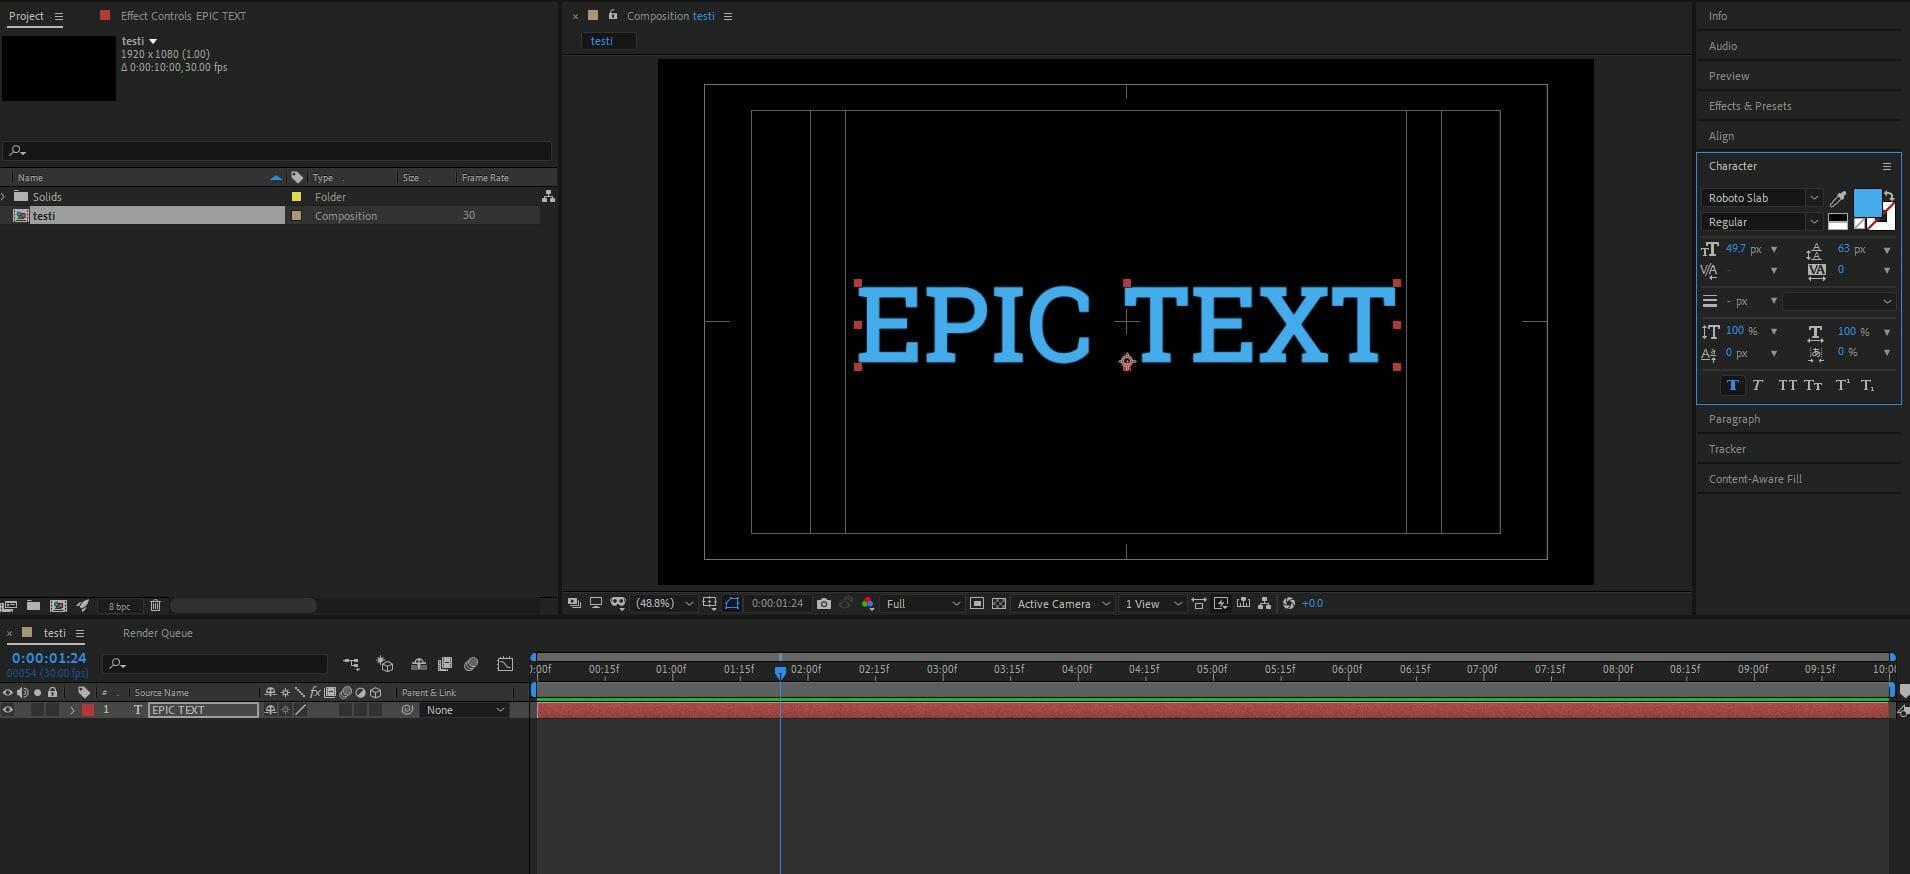 teksti-työkalun-käyttäminen-after-effects-perusteet